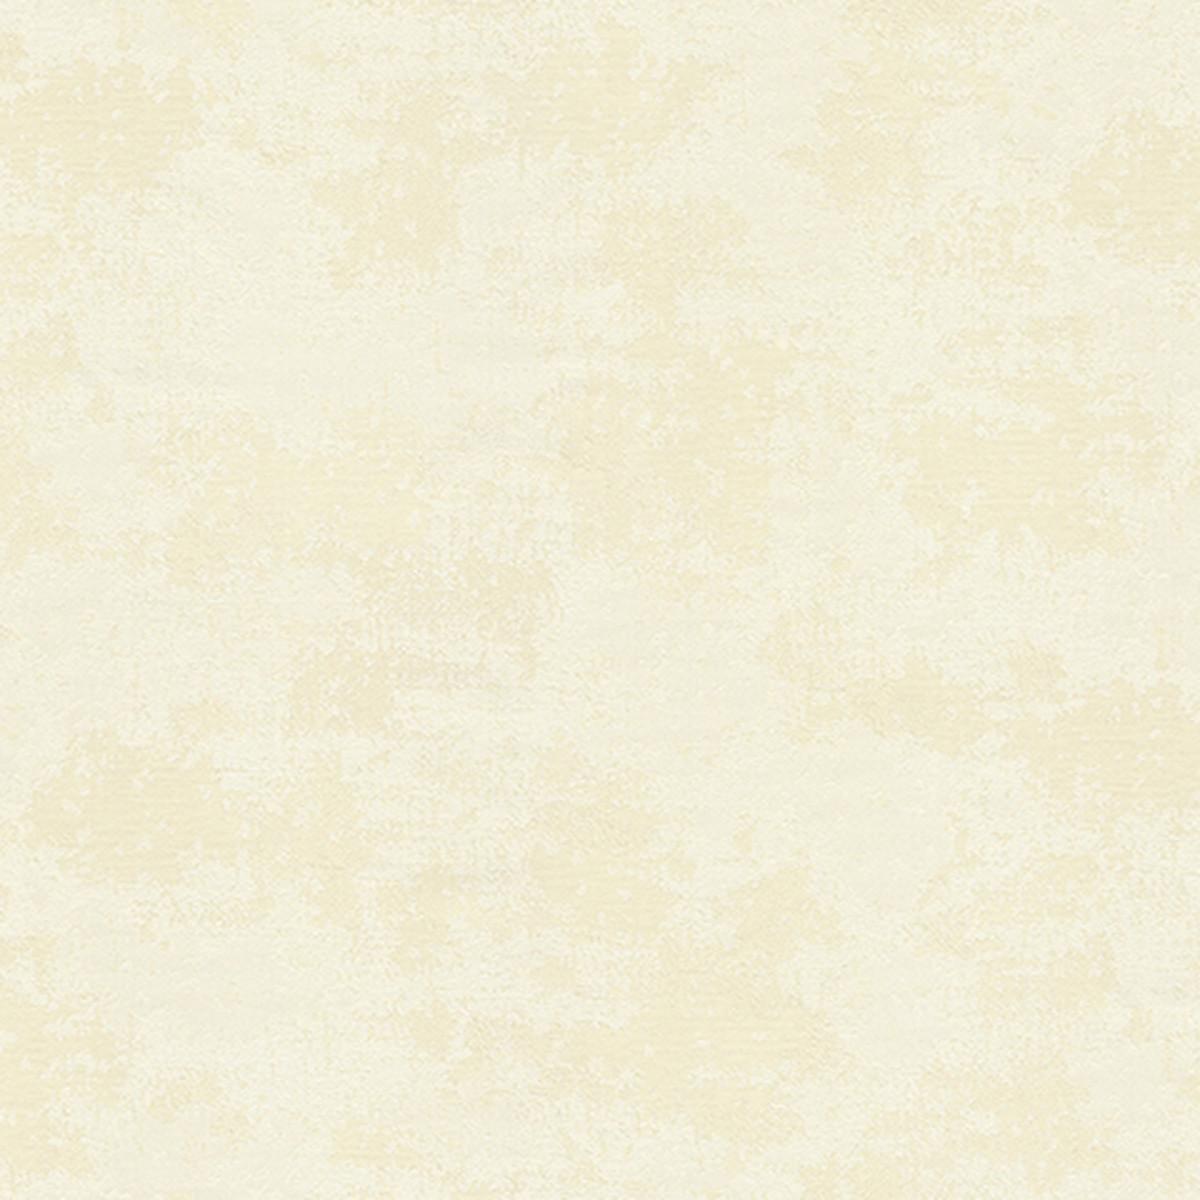 Обои флизелиновые С.Л.Г. бежевые 1.06 м 6-0467